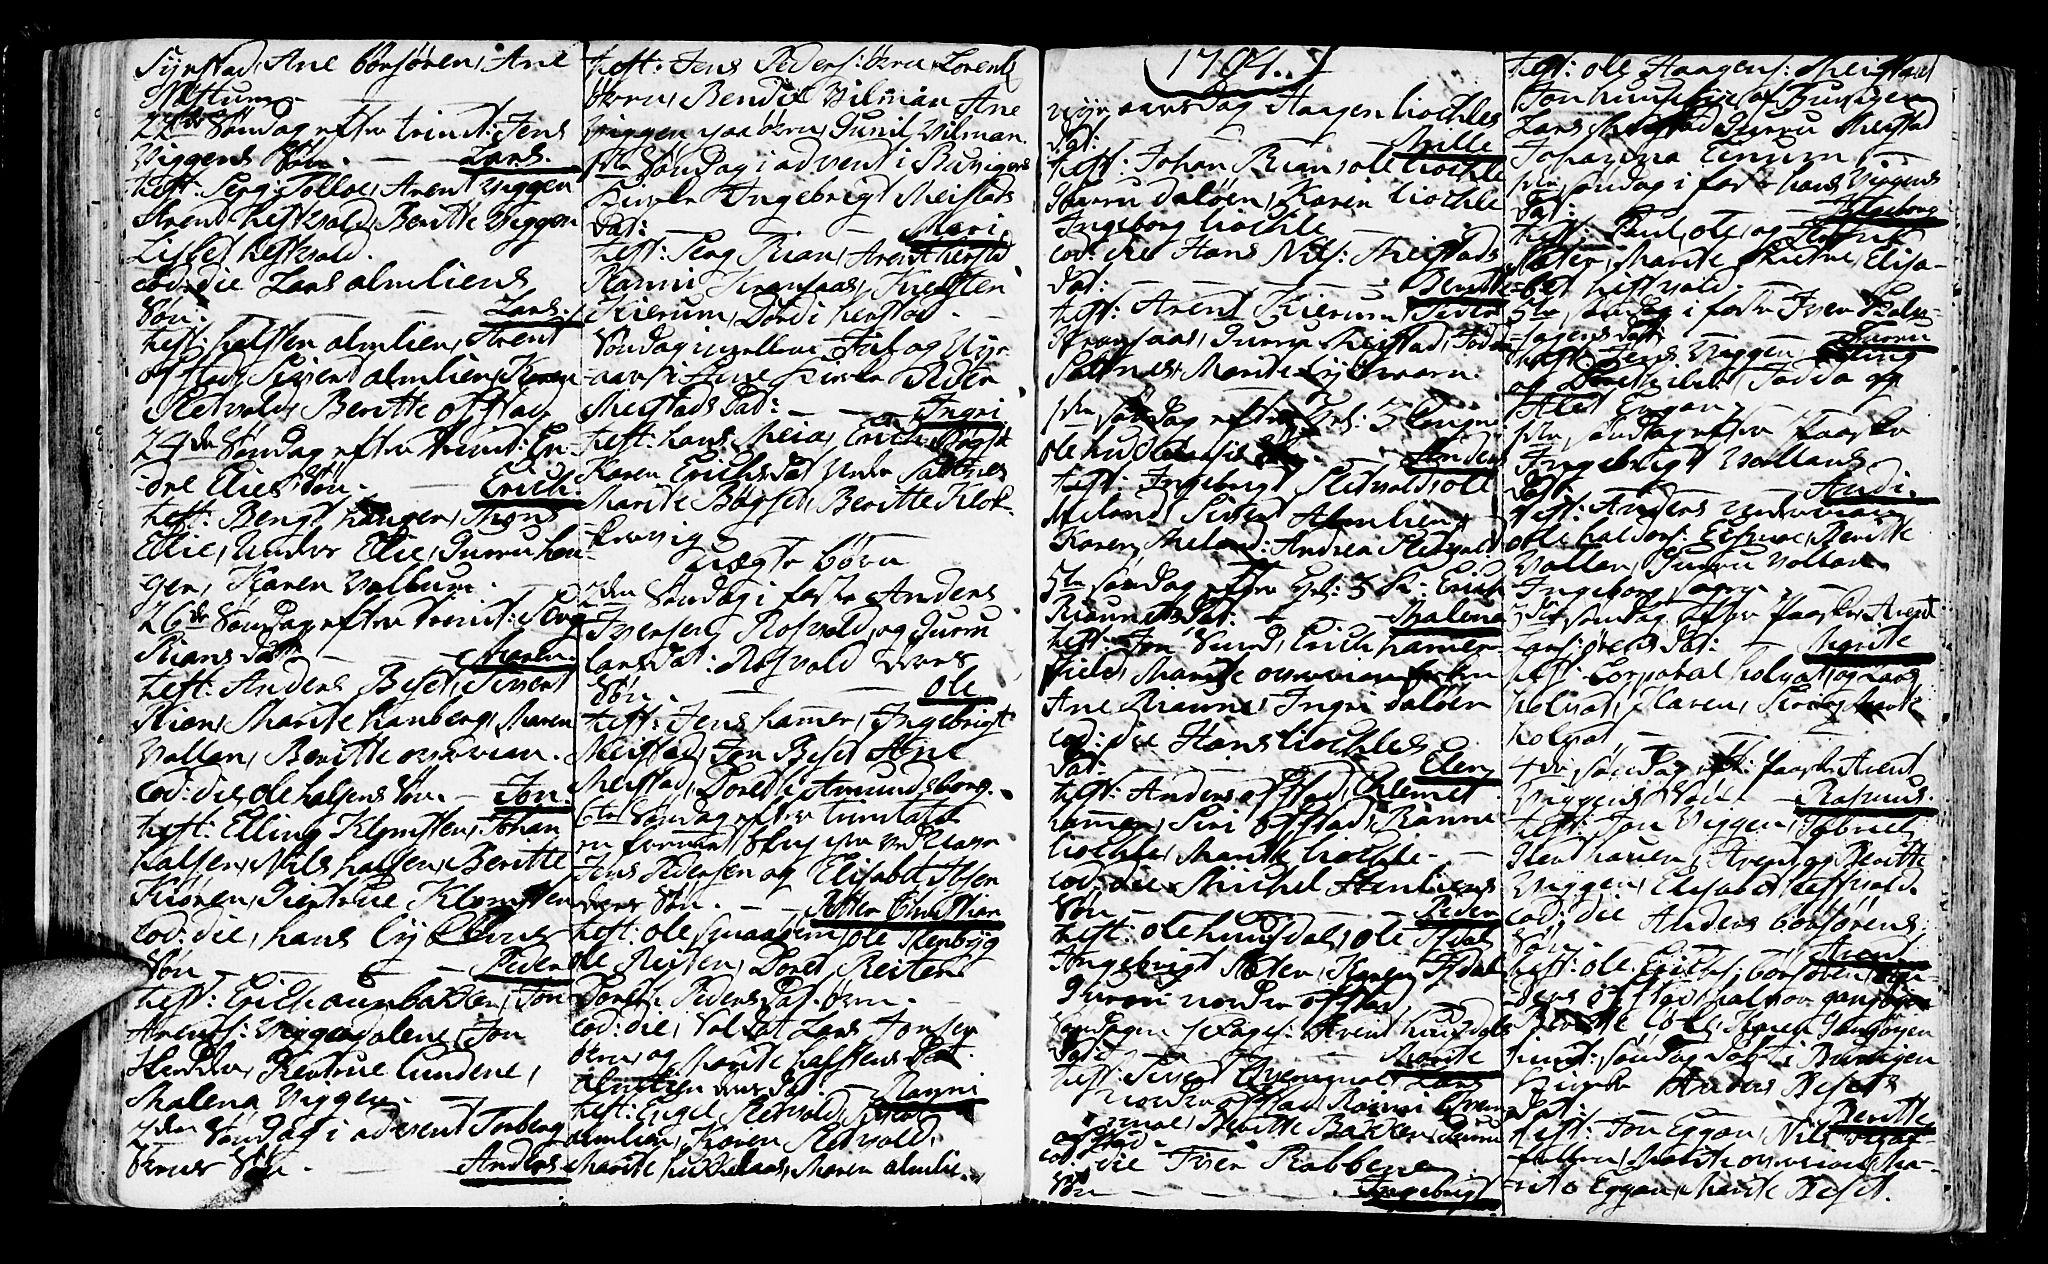 SAT, Ministerialprotokoller, klokkerbøker og fødselsregistre - Sør-Trøndelag, 665/L0768: Ministerialbok nr. 665A03, 1754-1803, s. 101